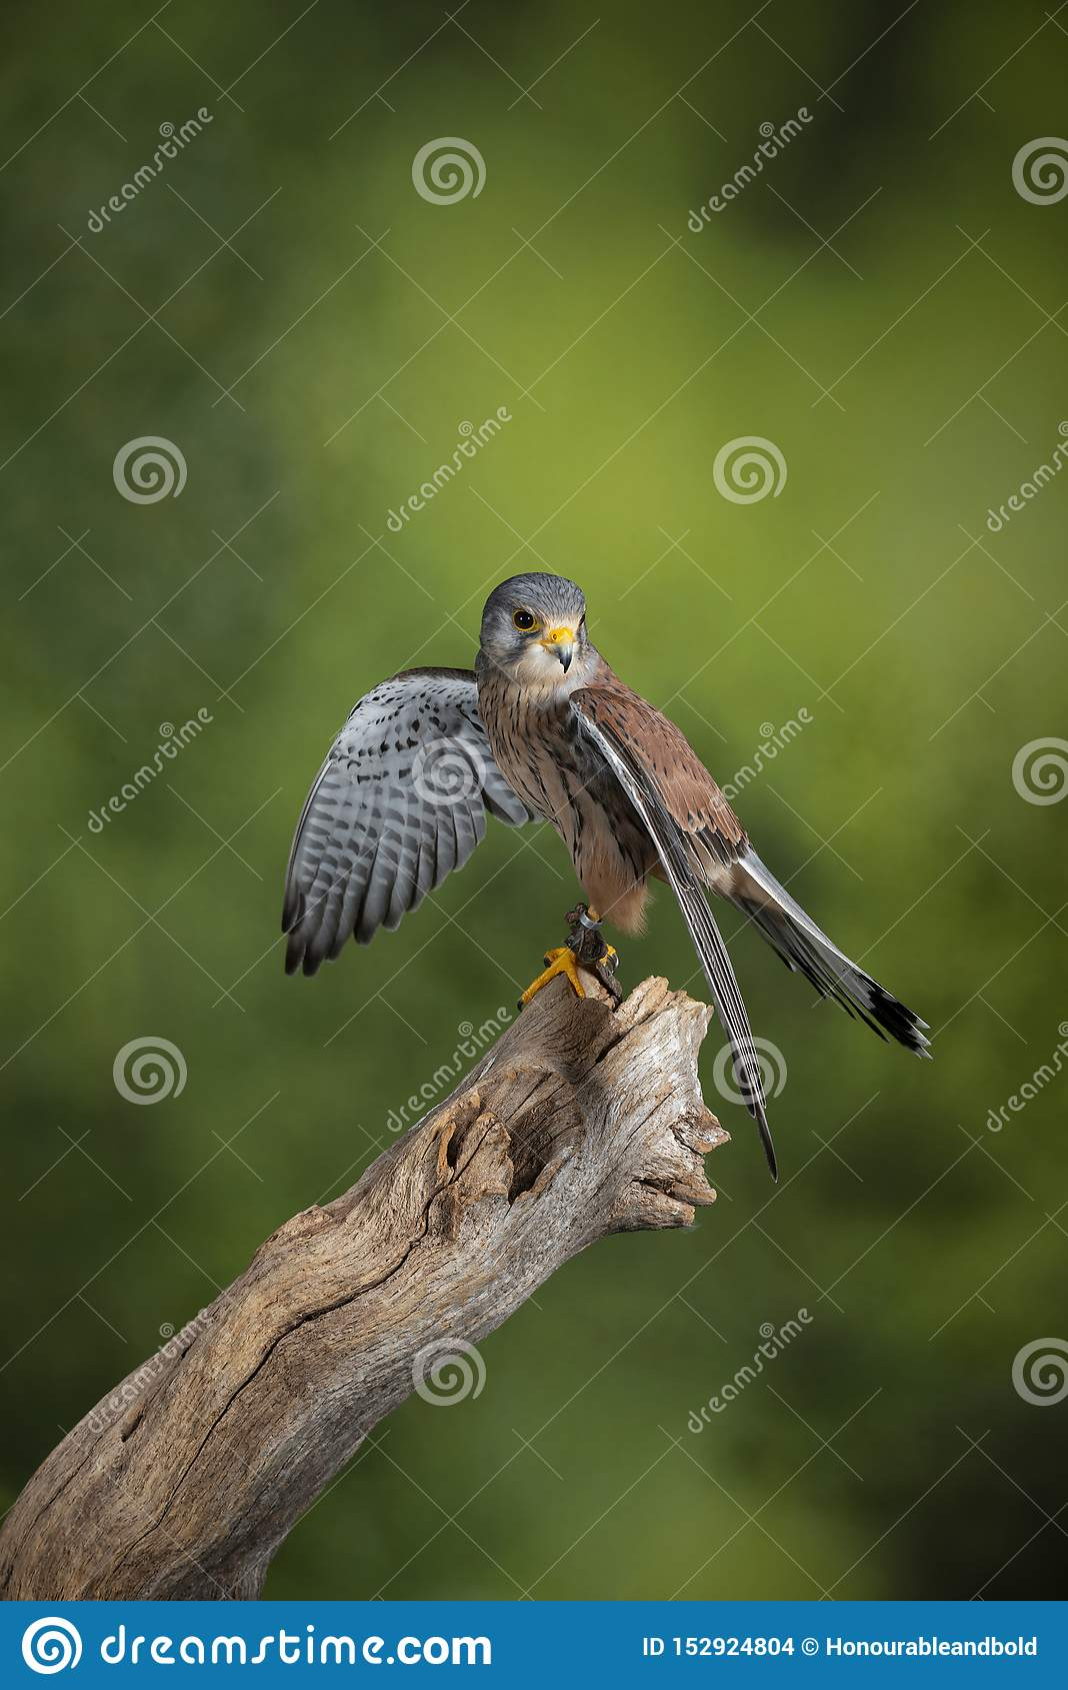 Ritratto di stordimento del gheppio Falco Tinnunculus nella regolazione dello studio sul fondo verde chiazzato della natura